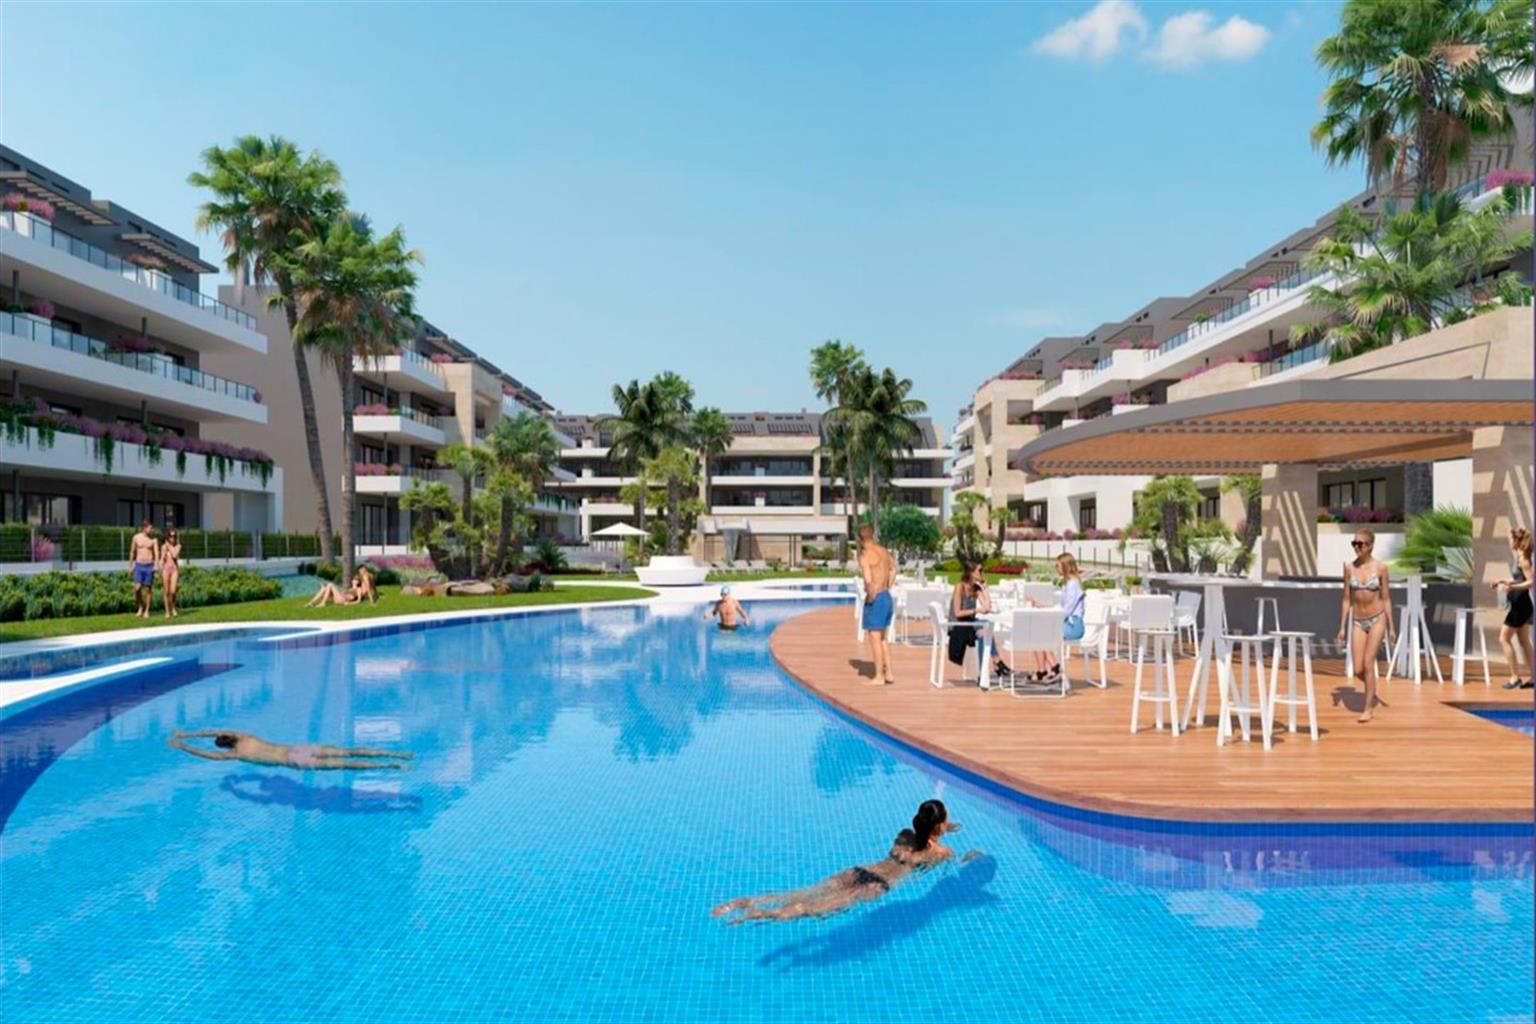 Appartement - Orihuela Costa - #4228409-23